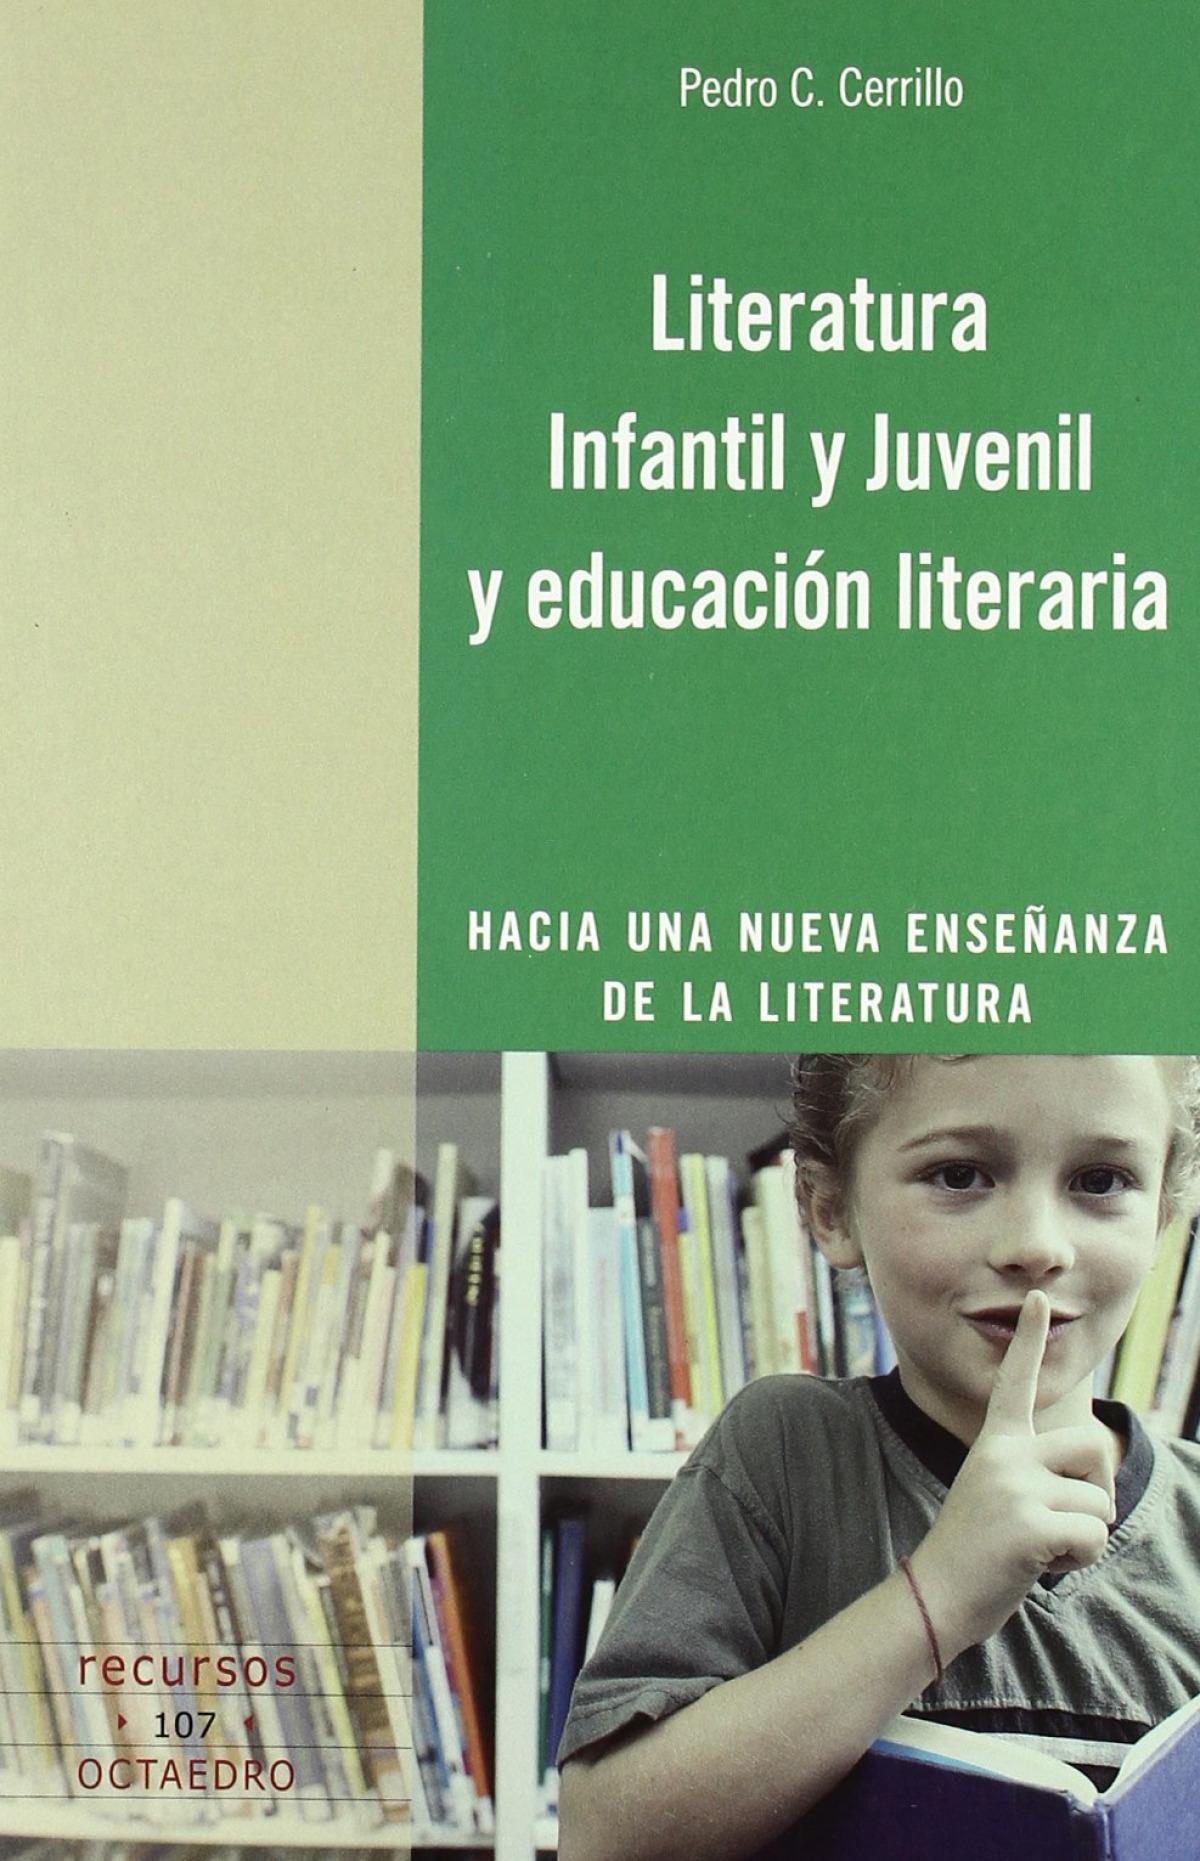 Literatura Infantil y Juvenil y educación literaria Hacia una nueva enseñanza de la literatura - Cerrillo Torremocha, Pedro C.